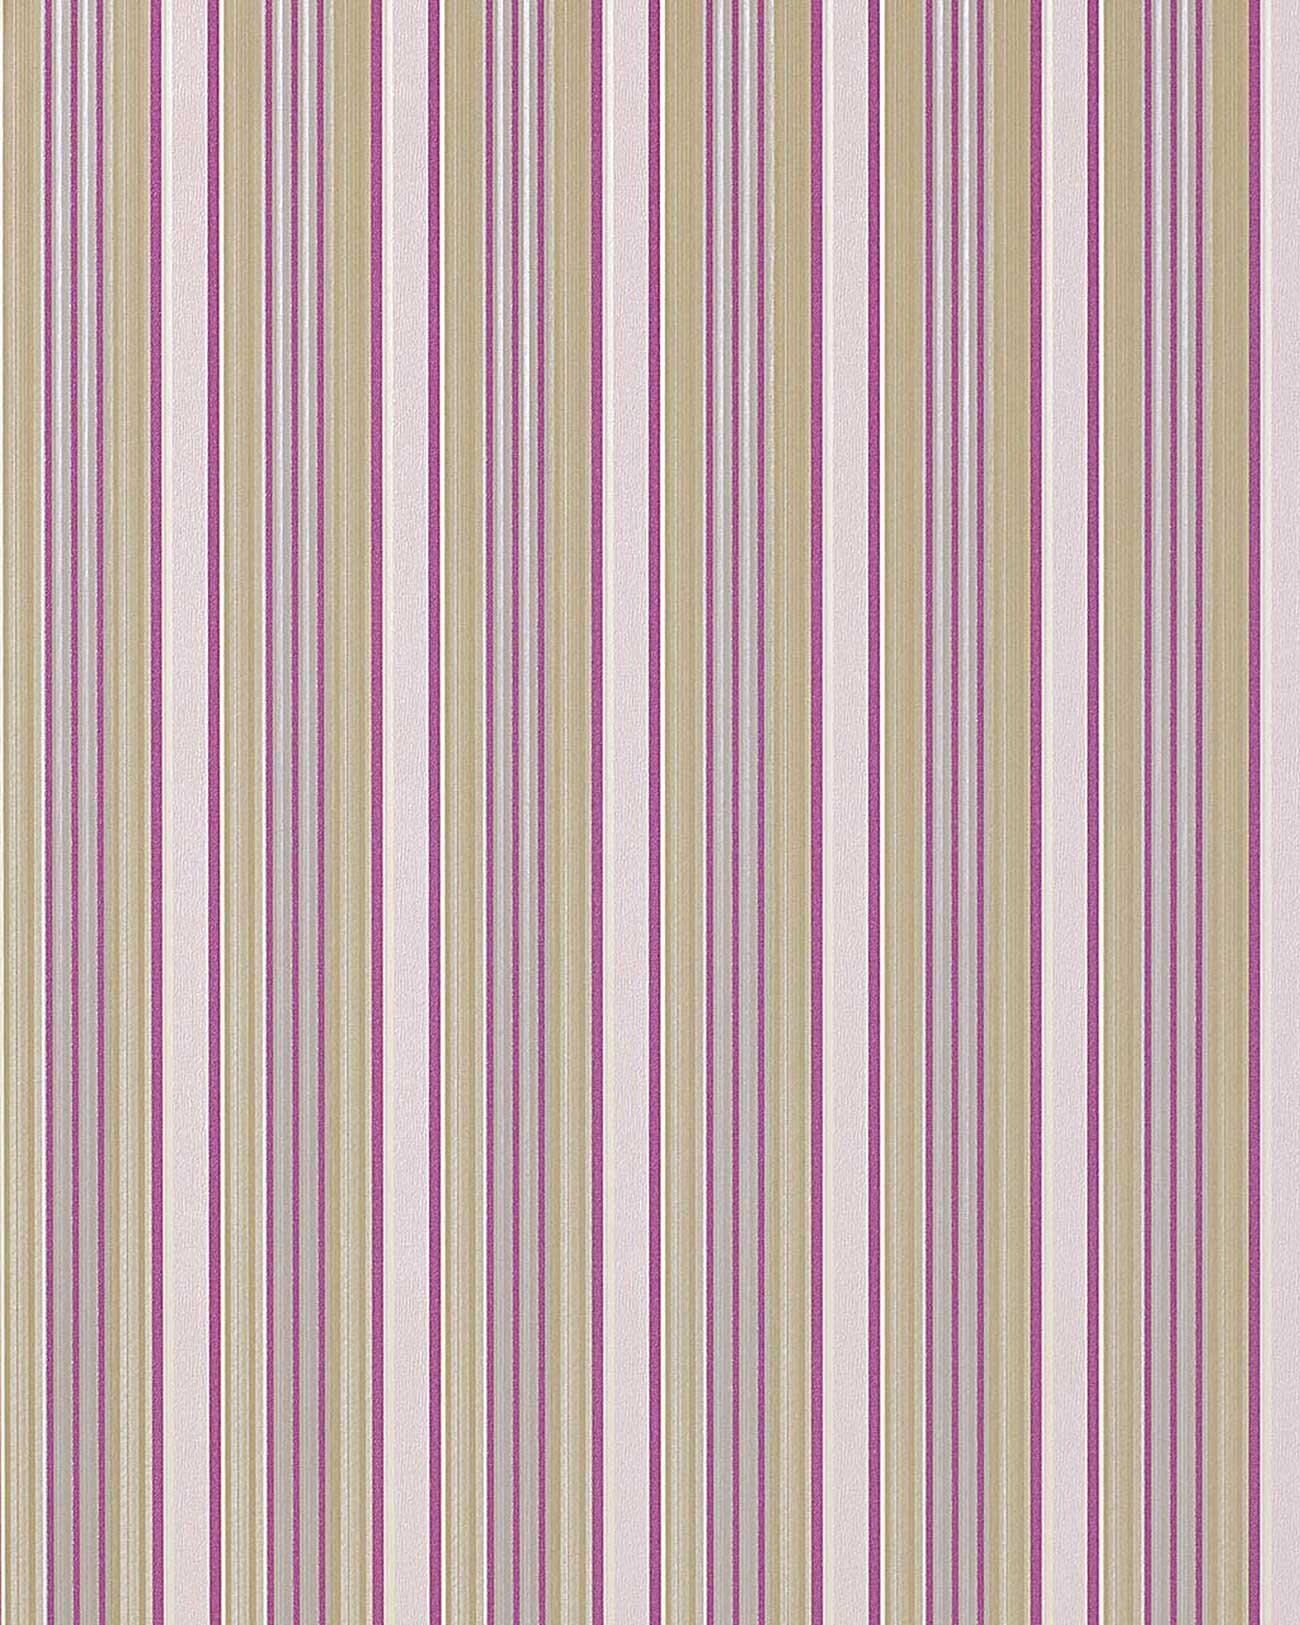 Hochwertige Moderne Tapeten : Tapeten : EDEM 825-25 hochwertige streifen tapete elfenbein lila gr?n